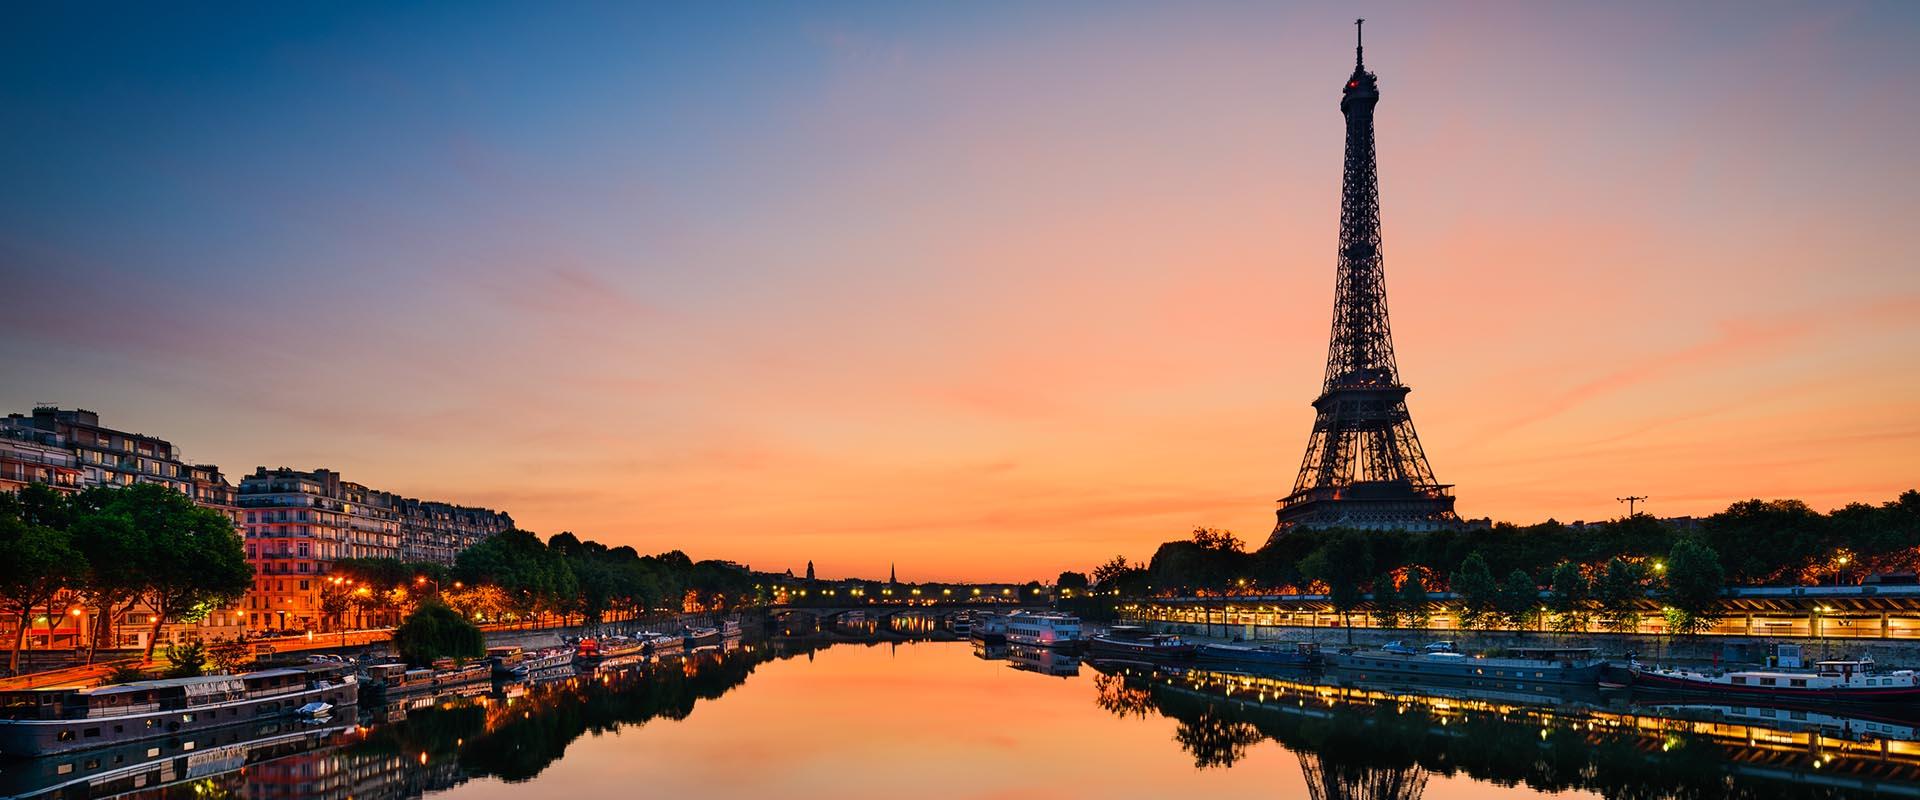 เที่ยวยุโรป Paris ฝรั่งเศส